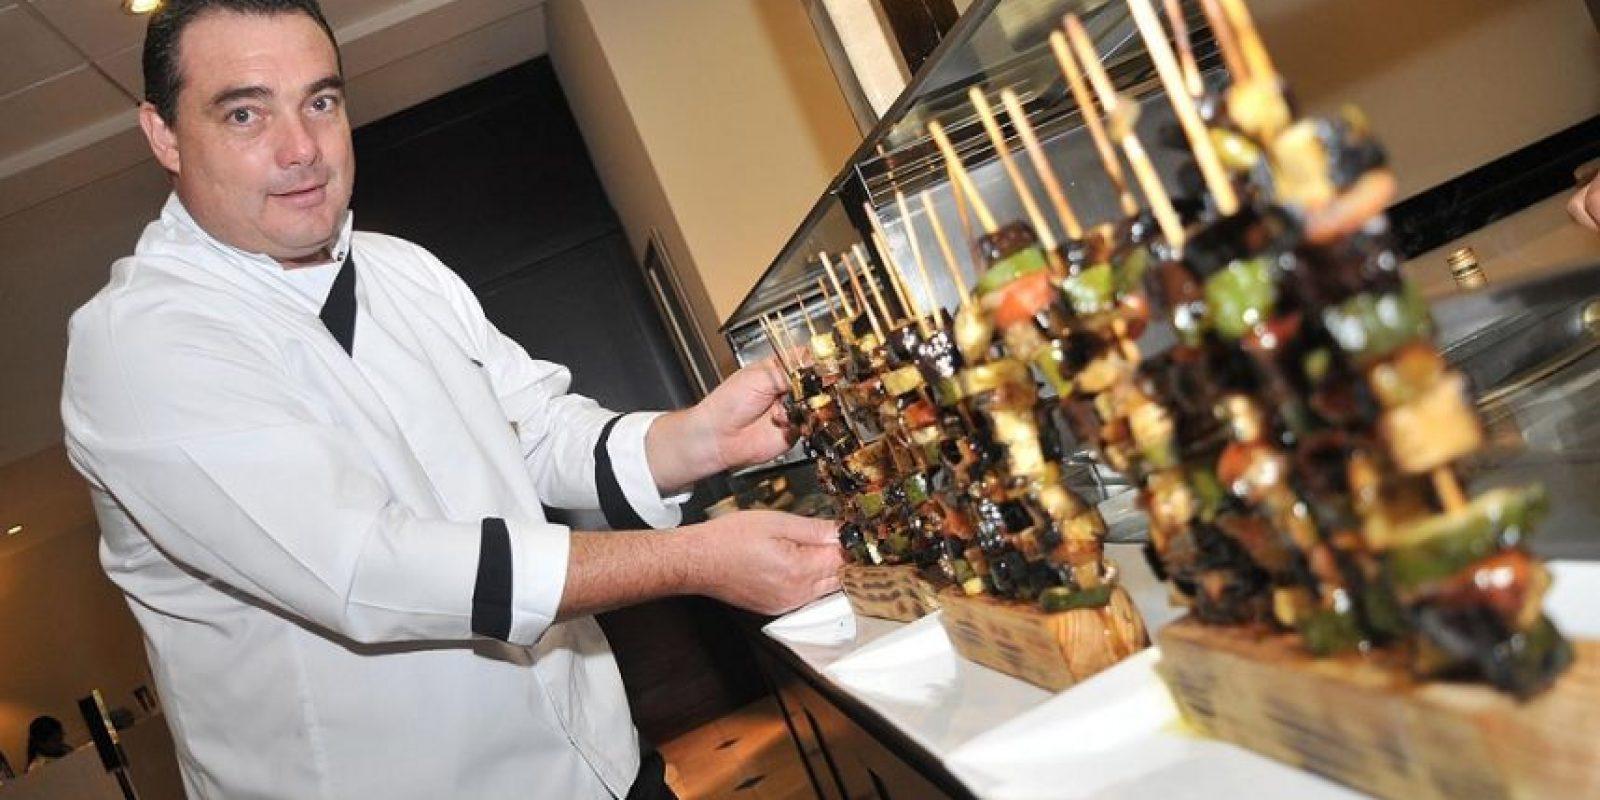 El Chef uruguayo Marcos Fabián Ghigliano. Foto: Fuente externa